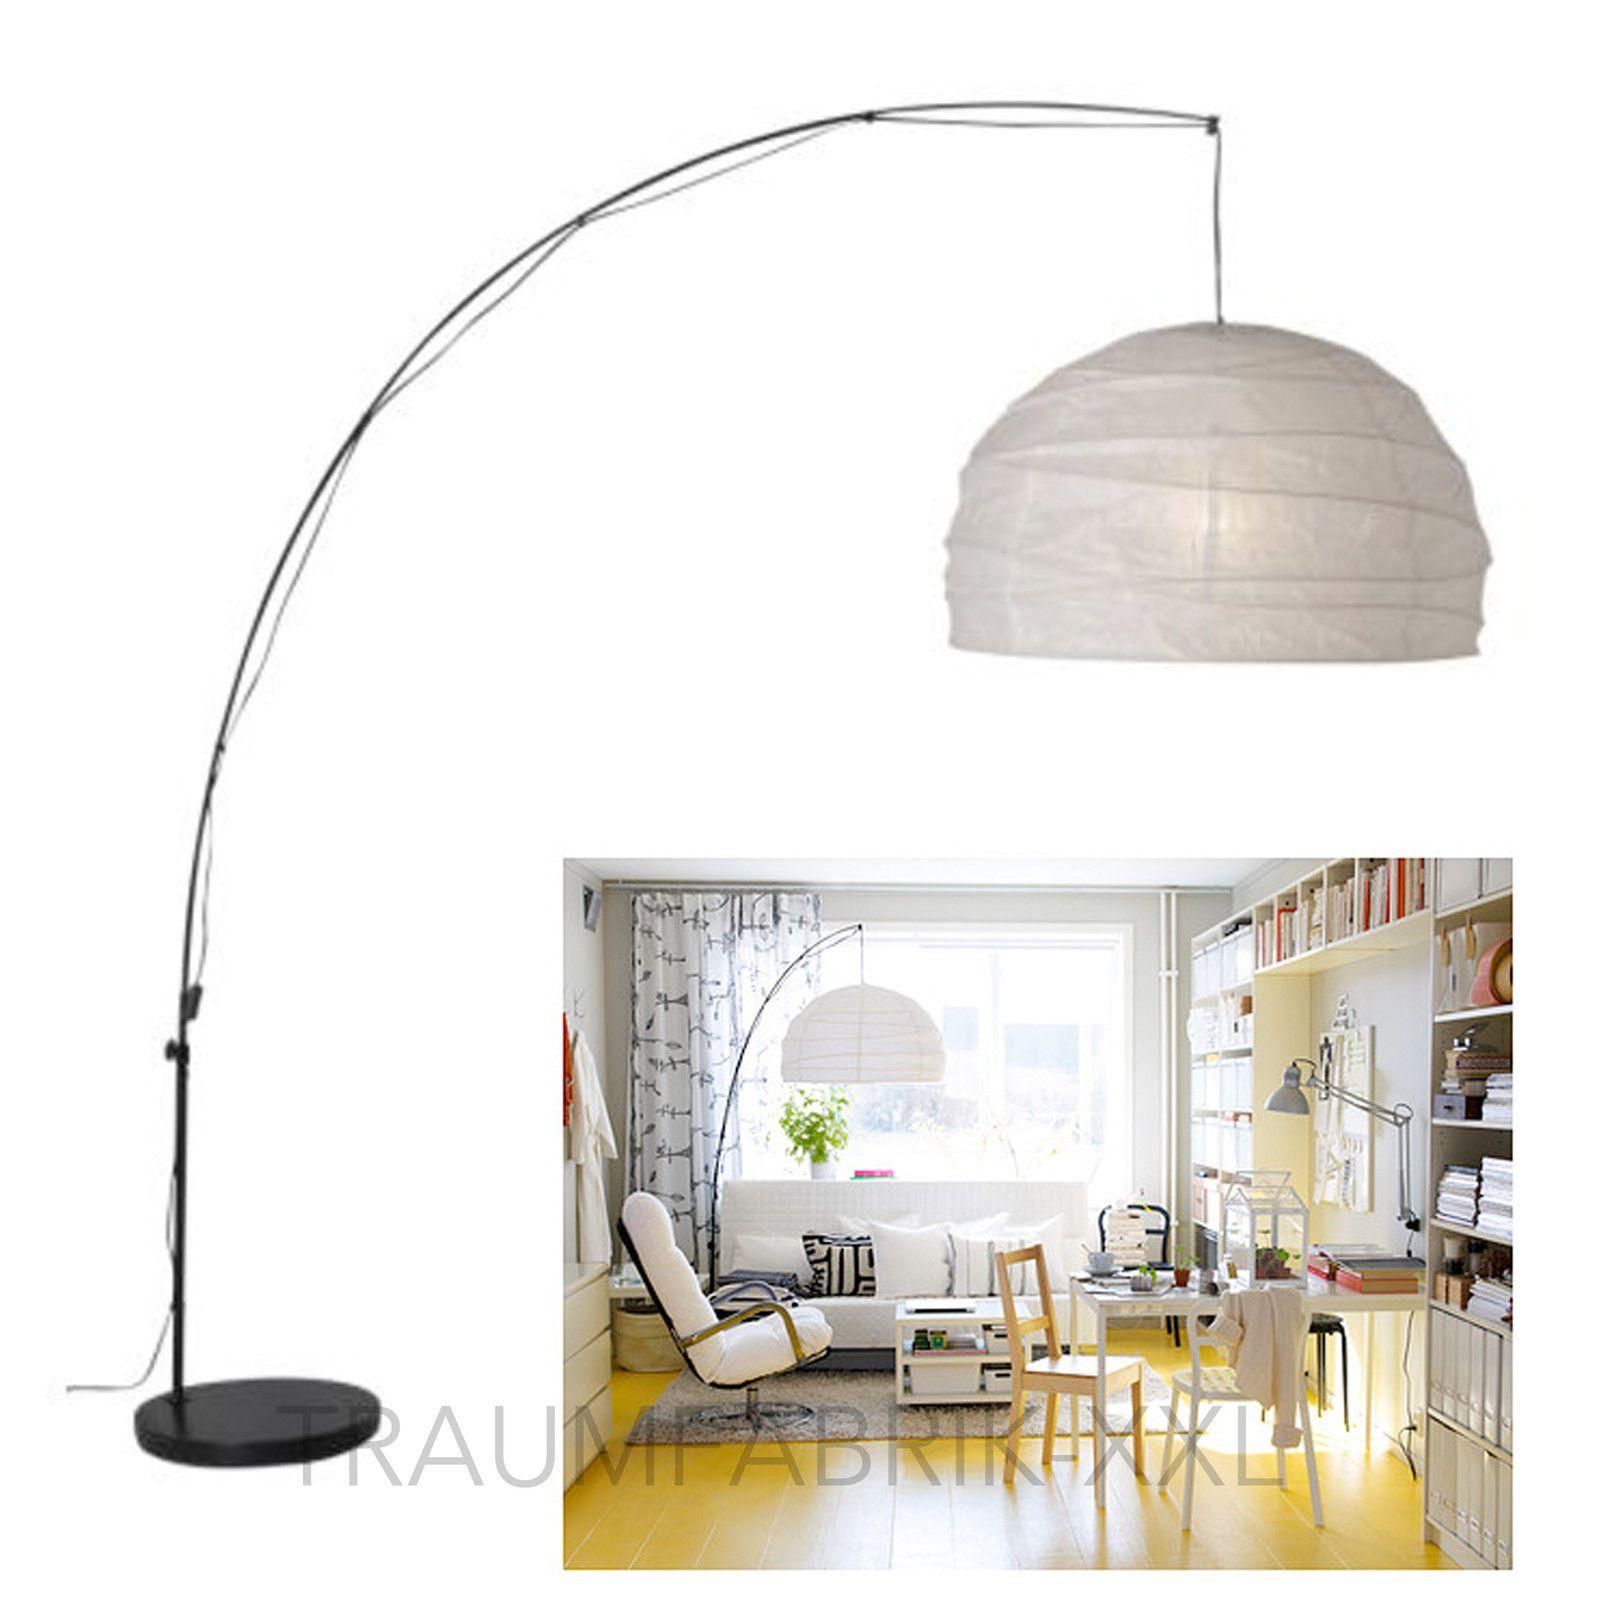 Full Size of Ikea Wohnzimmer Lampe 11 Elegant Poster Fototapeten Led Deckenleuchte Küche Kaufen Deckenlampe Betten Bei Teppiche Spiegellampe Bad Lampen Hängeschrank Wohnzimmer Ikea Wohnzimmer Lampe